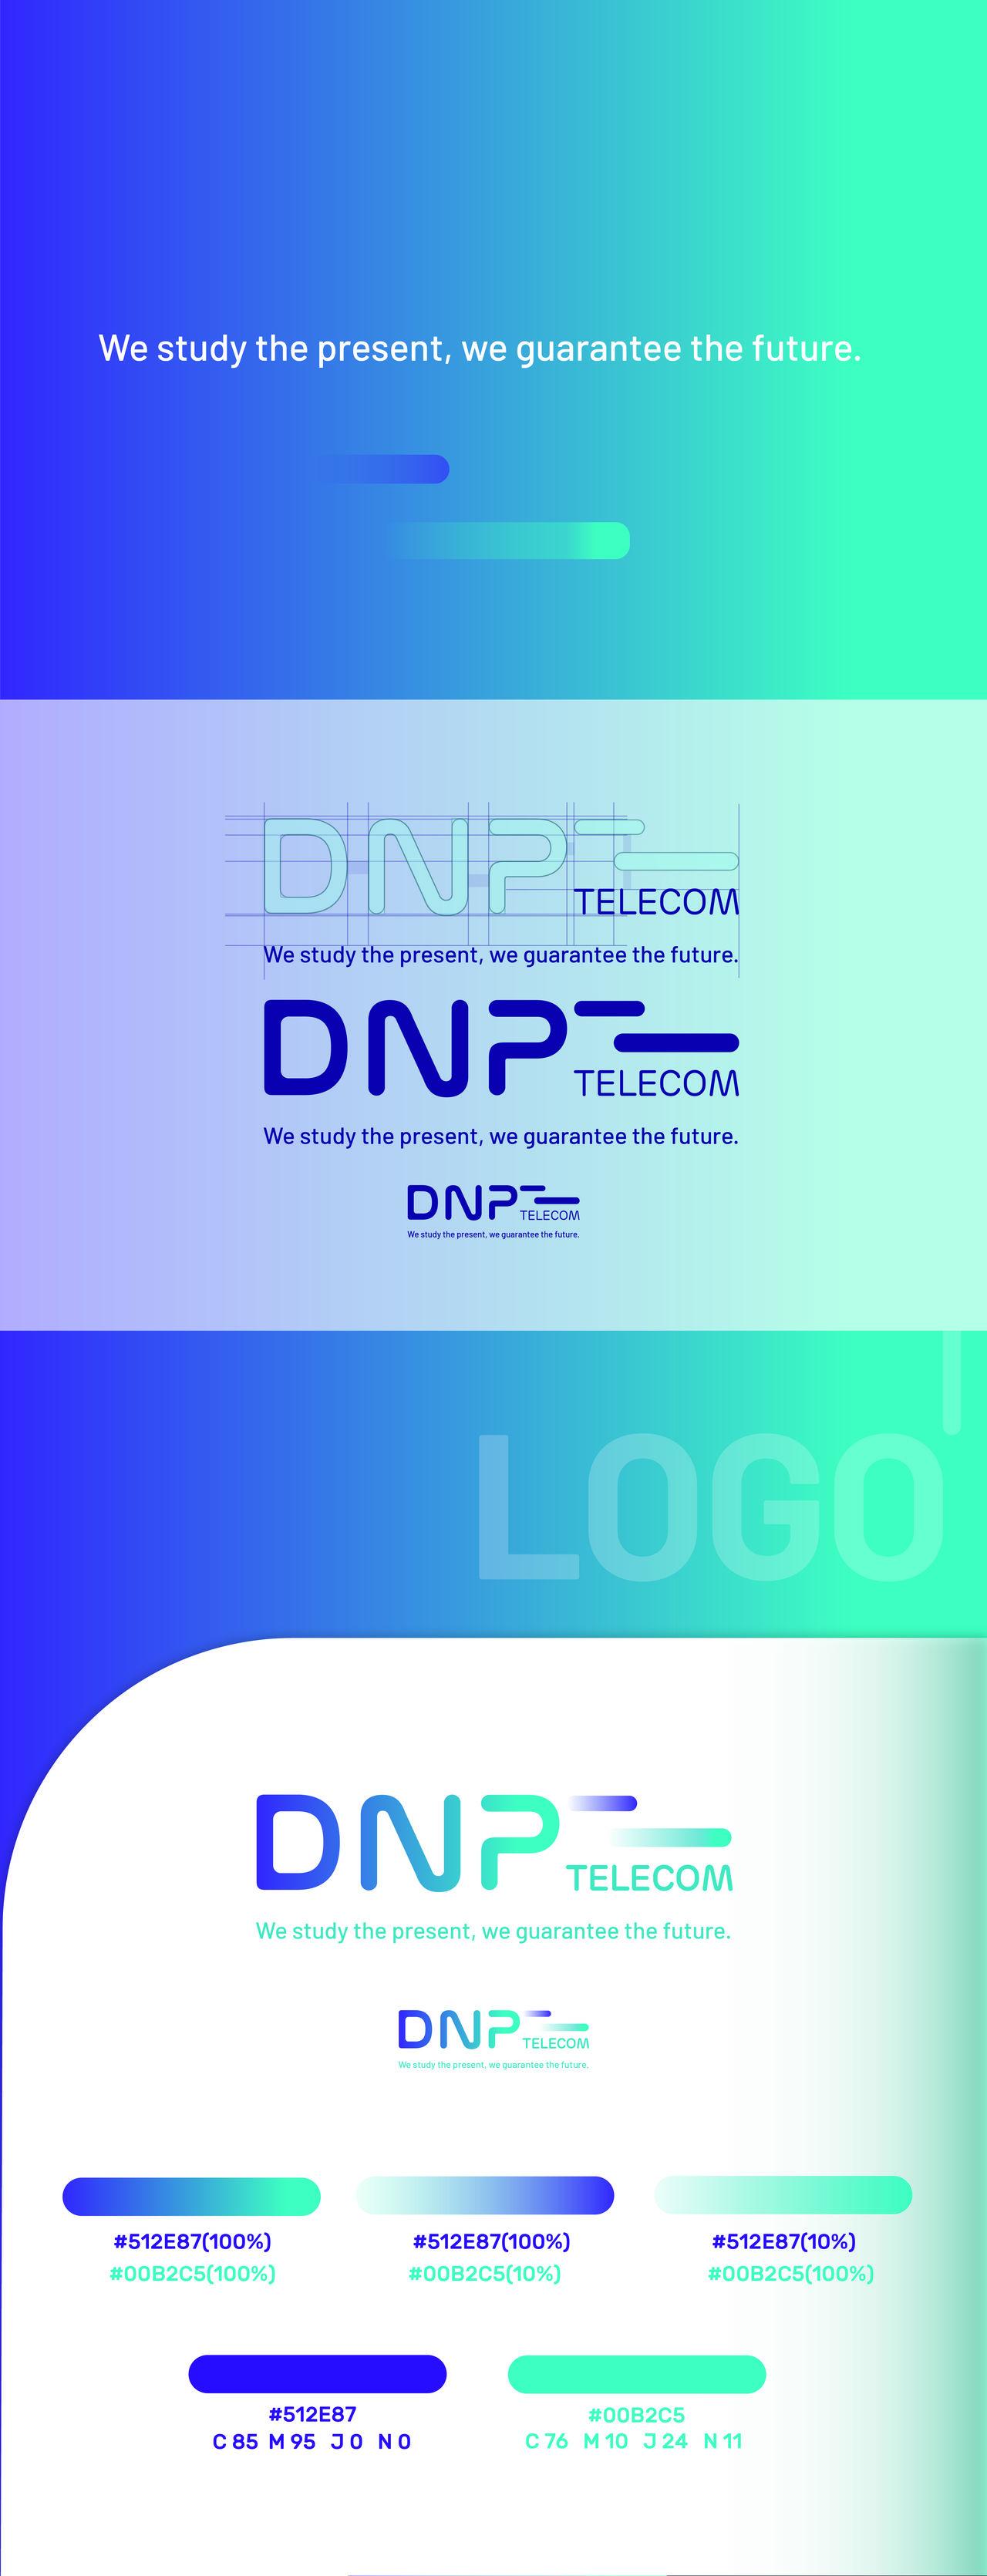 DNP TELECOM CHARTE GRAPHIQUE